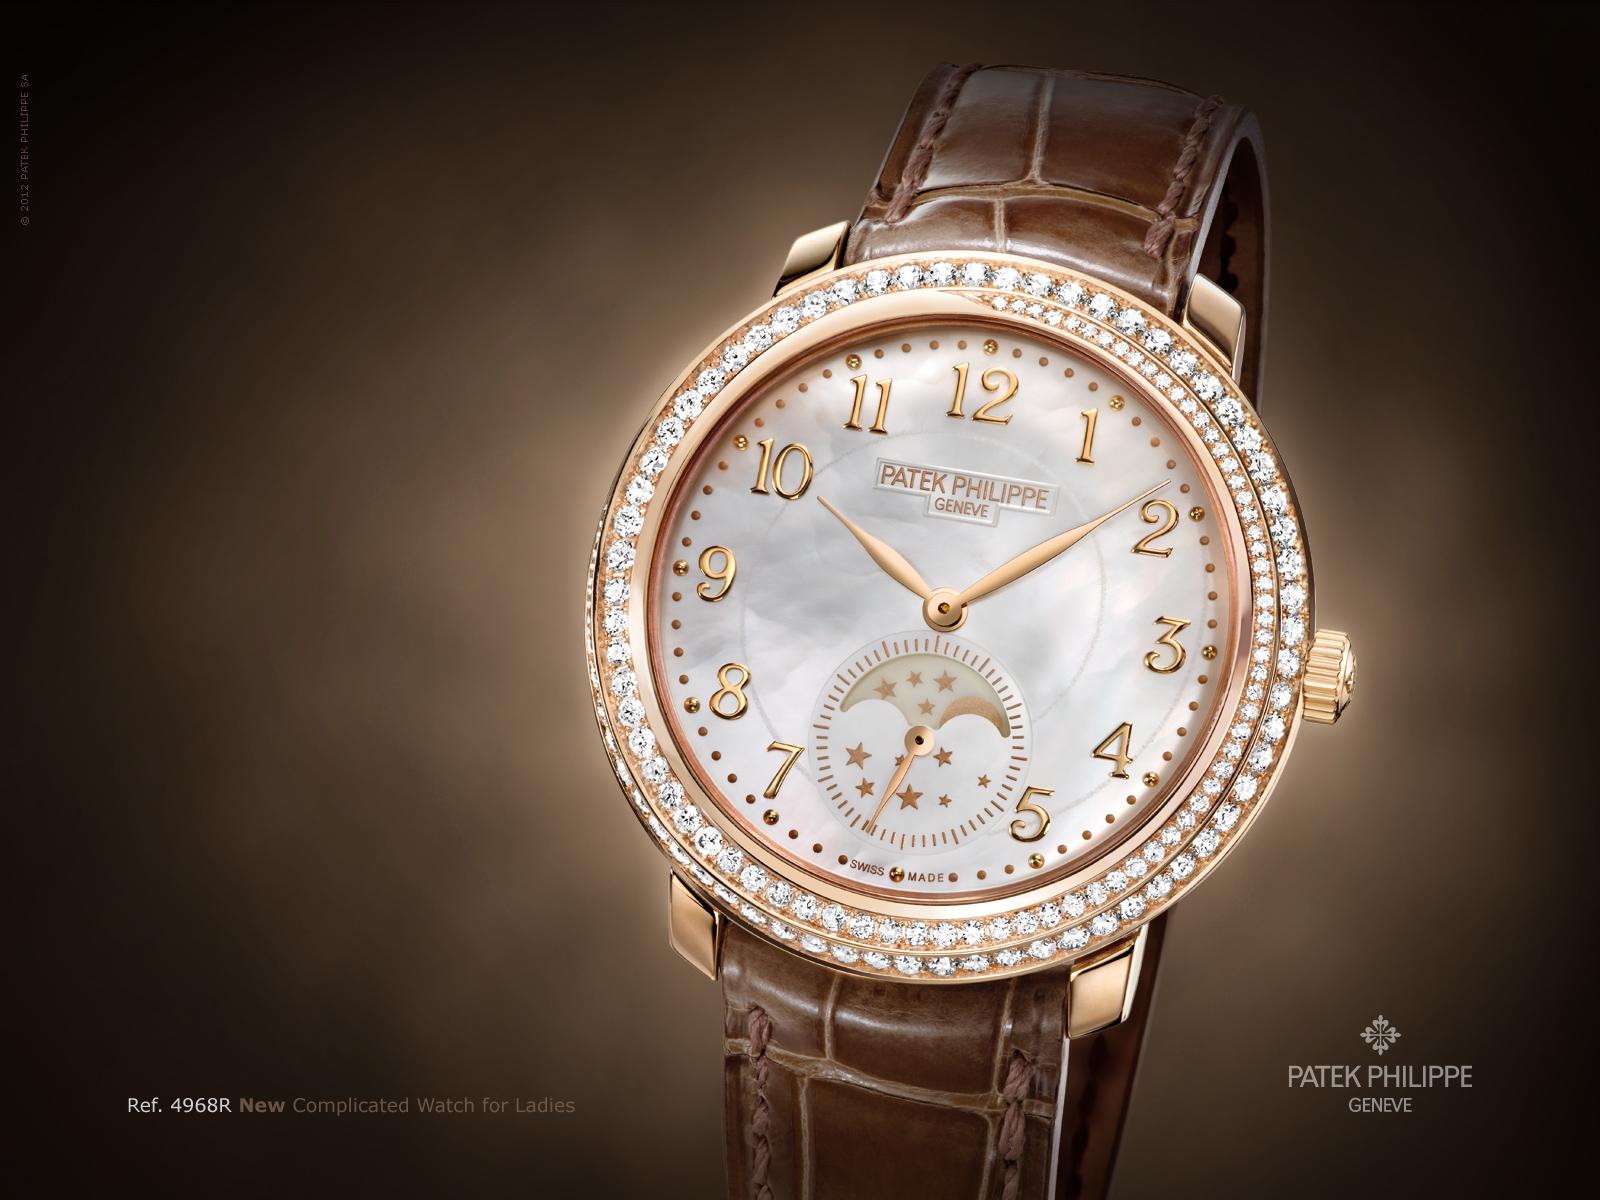 【高清】百达翡丽手表图片,百达翡丽手表无水印图片